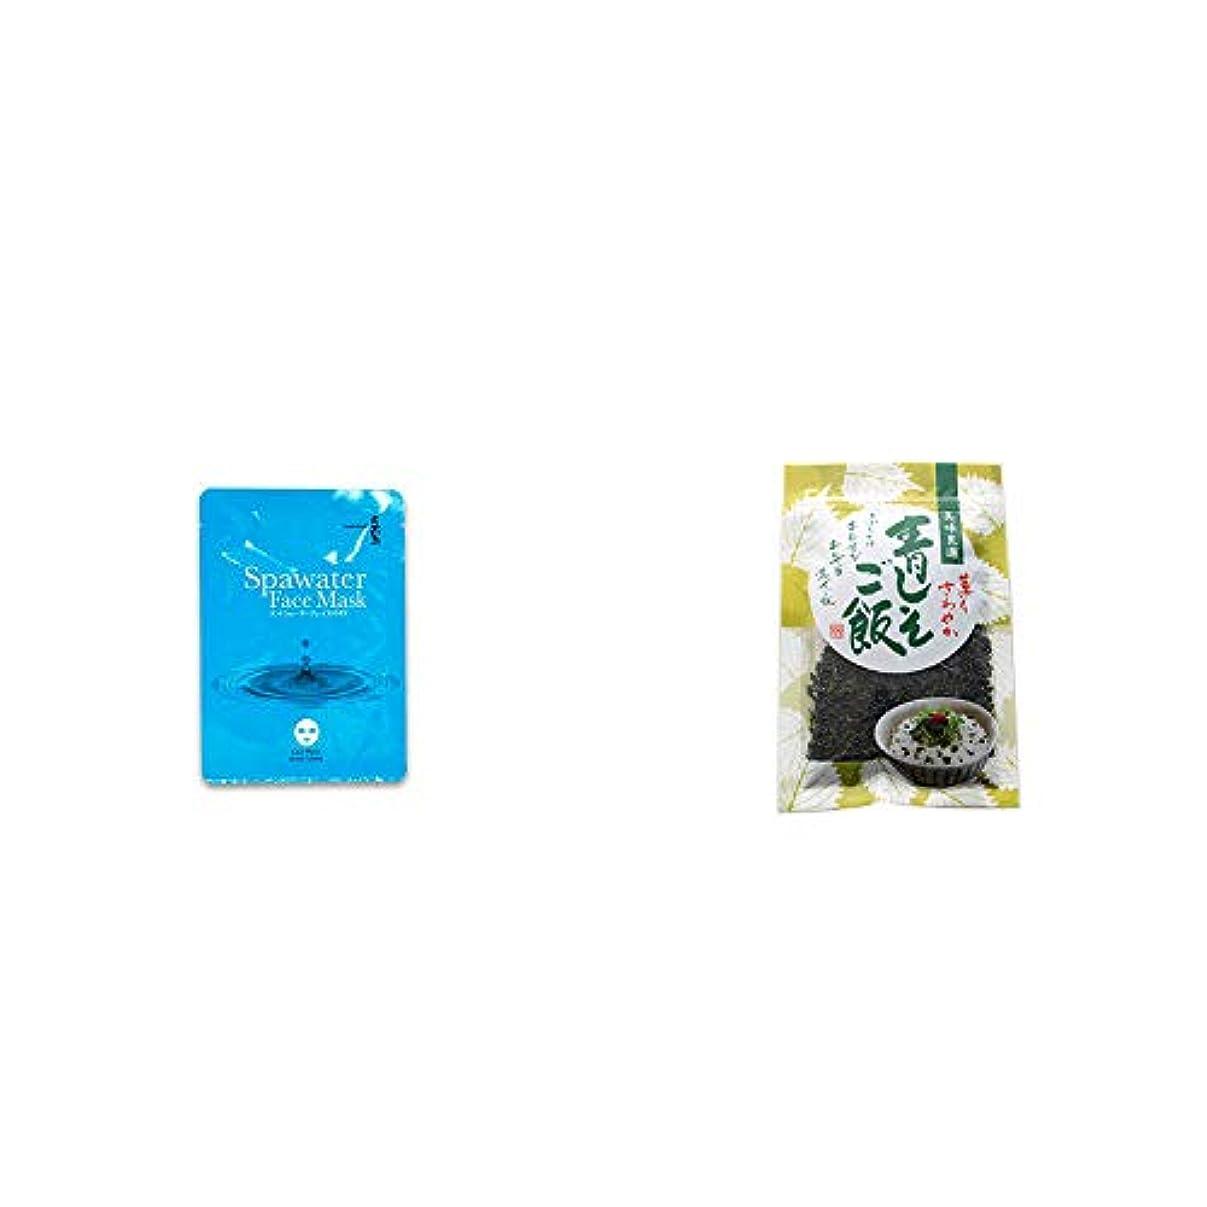 読者記憶熱意[2点セット] ひのき炭黒泉 スパウォーターフェイスマスク(18ml×3枚入)?薫りさわやか 青しそご飯(80g)